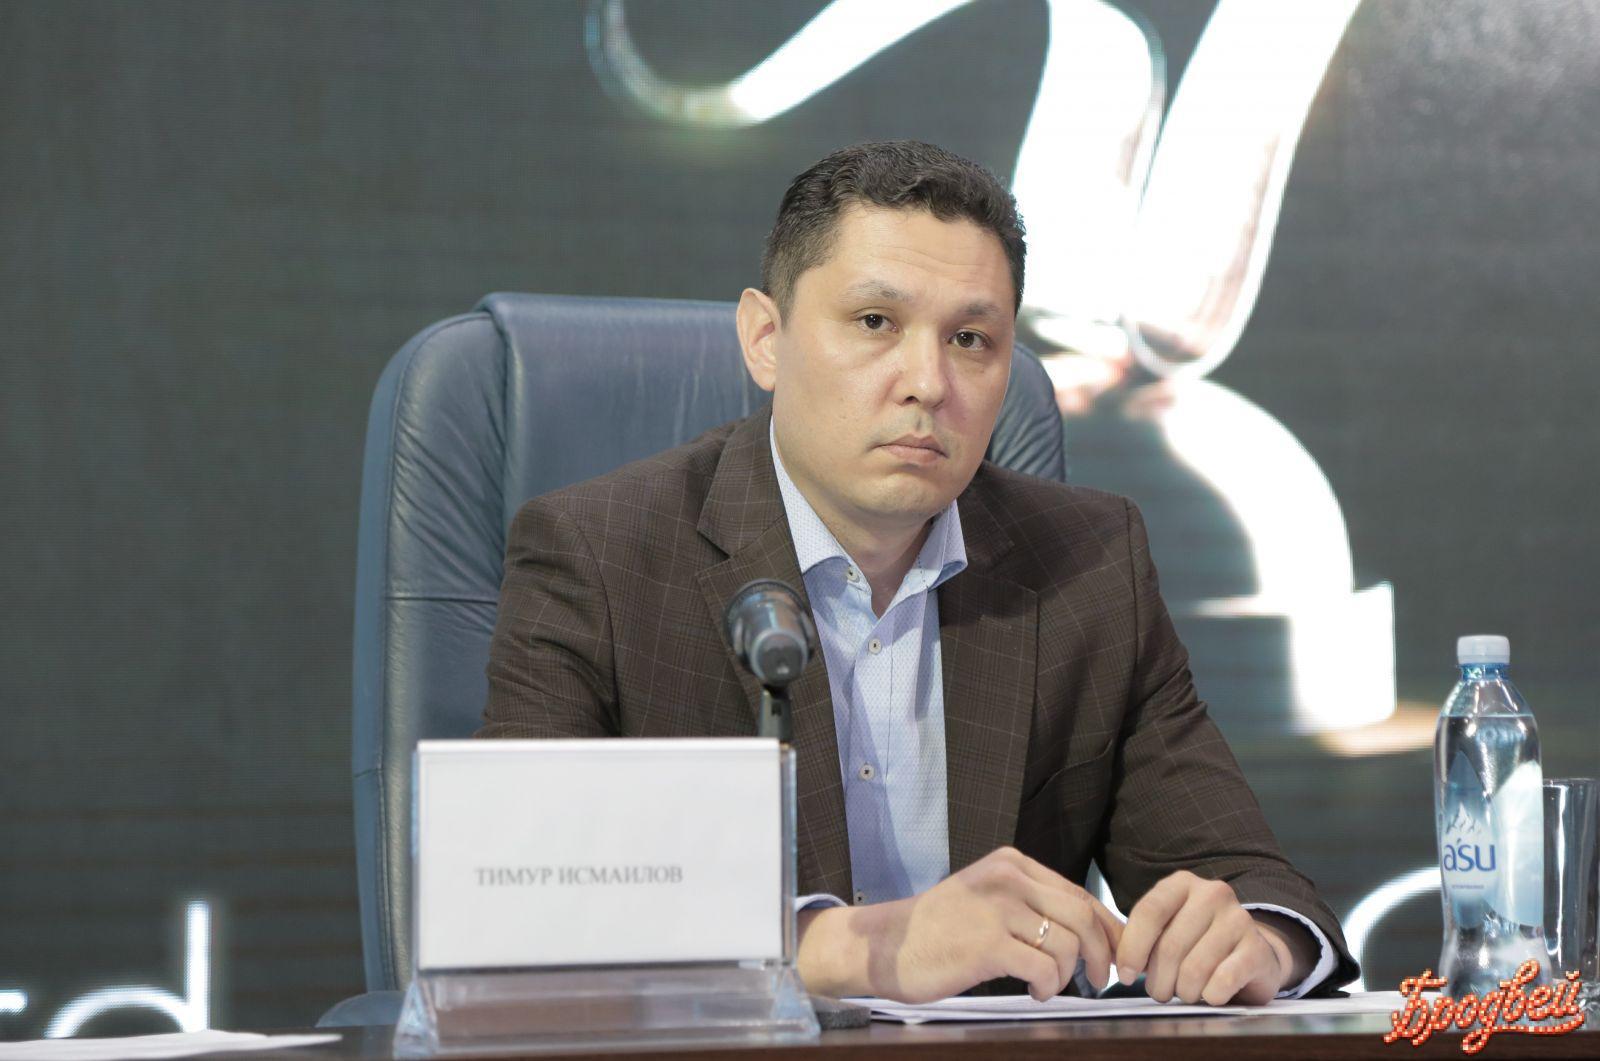 Старший координатор проектов Фонда Первого Президента Республики Казахстан - Елбасы Тимур Исмаилов